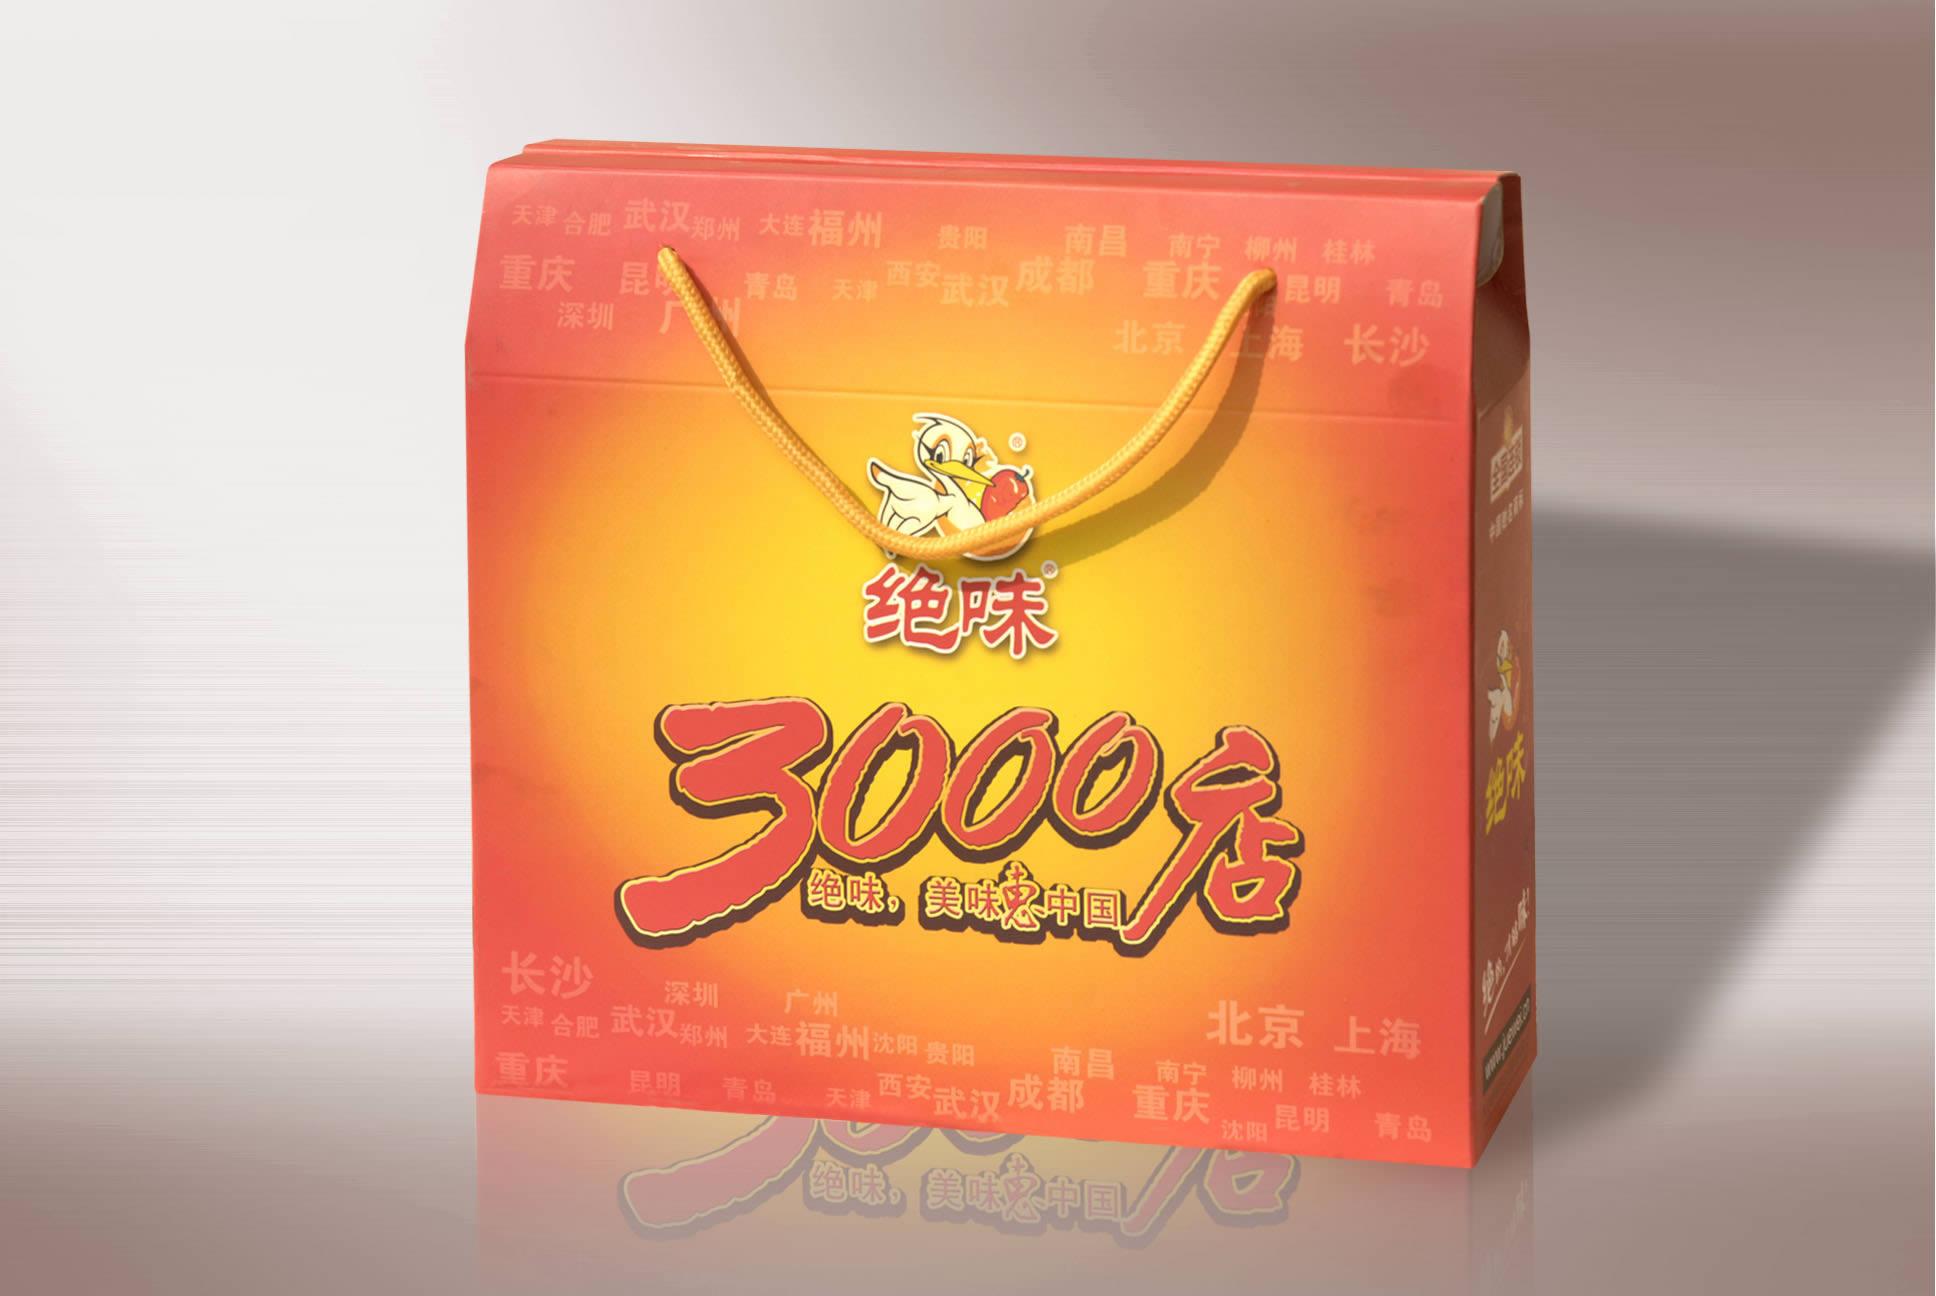 食品包装箱纸箱包装设计欣赏